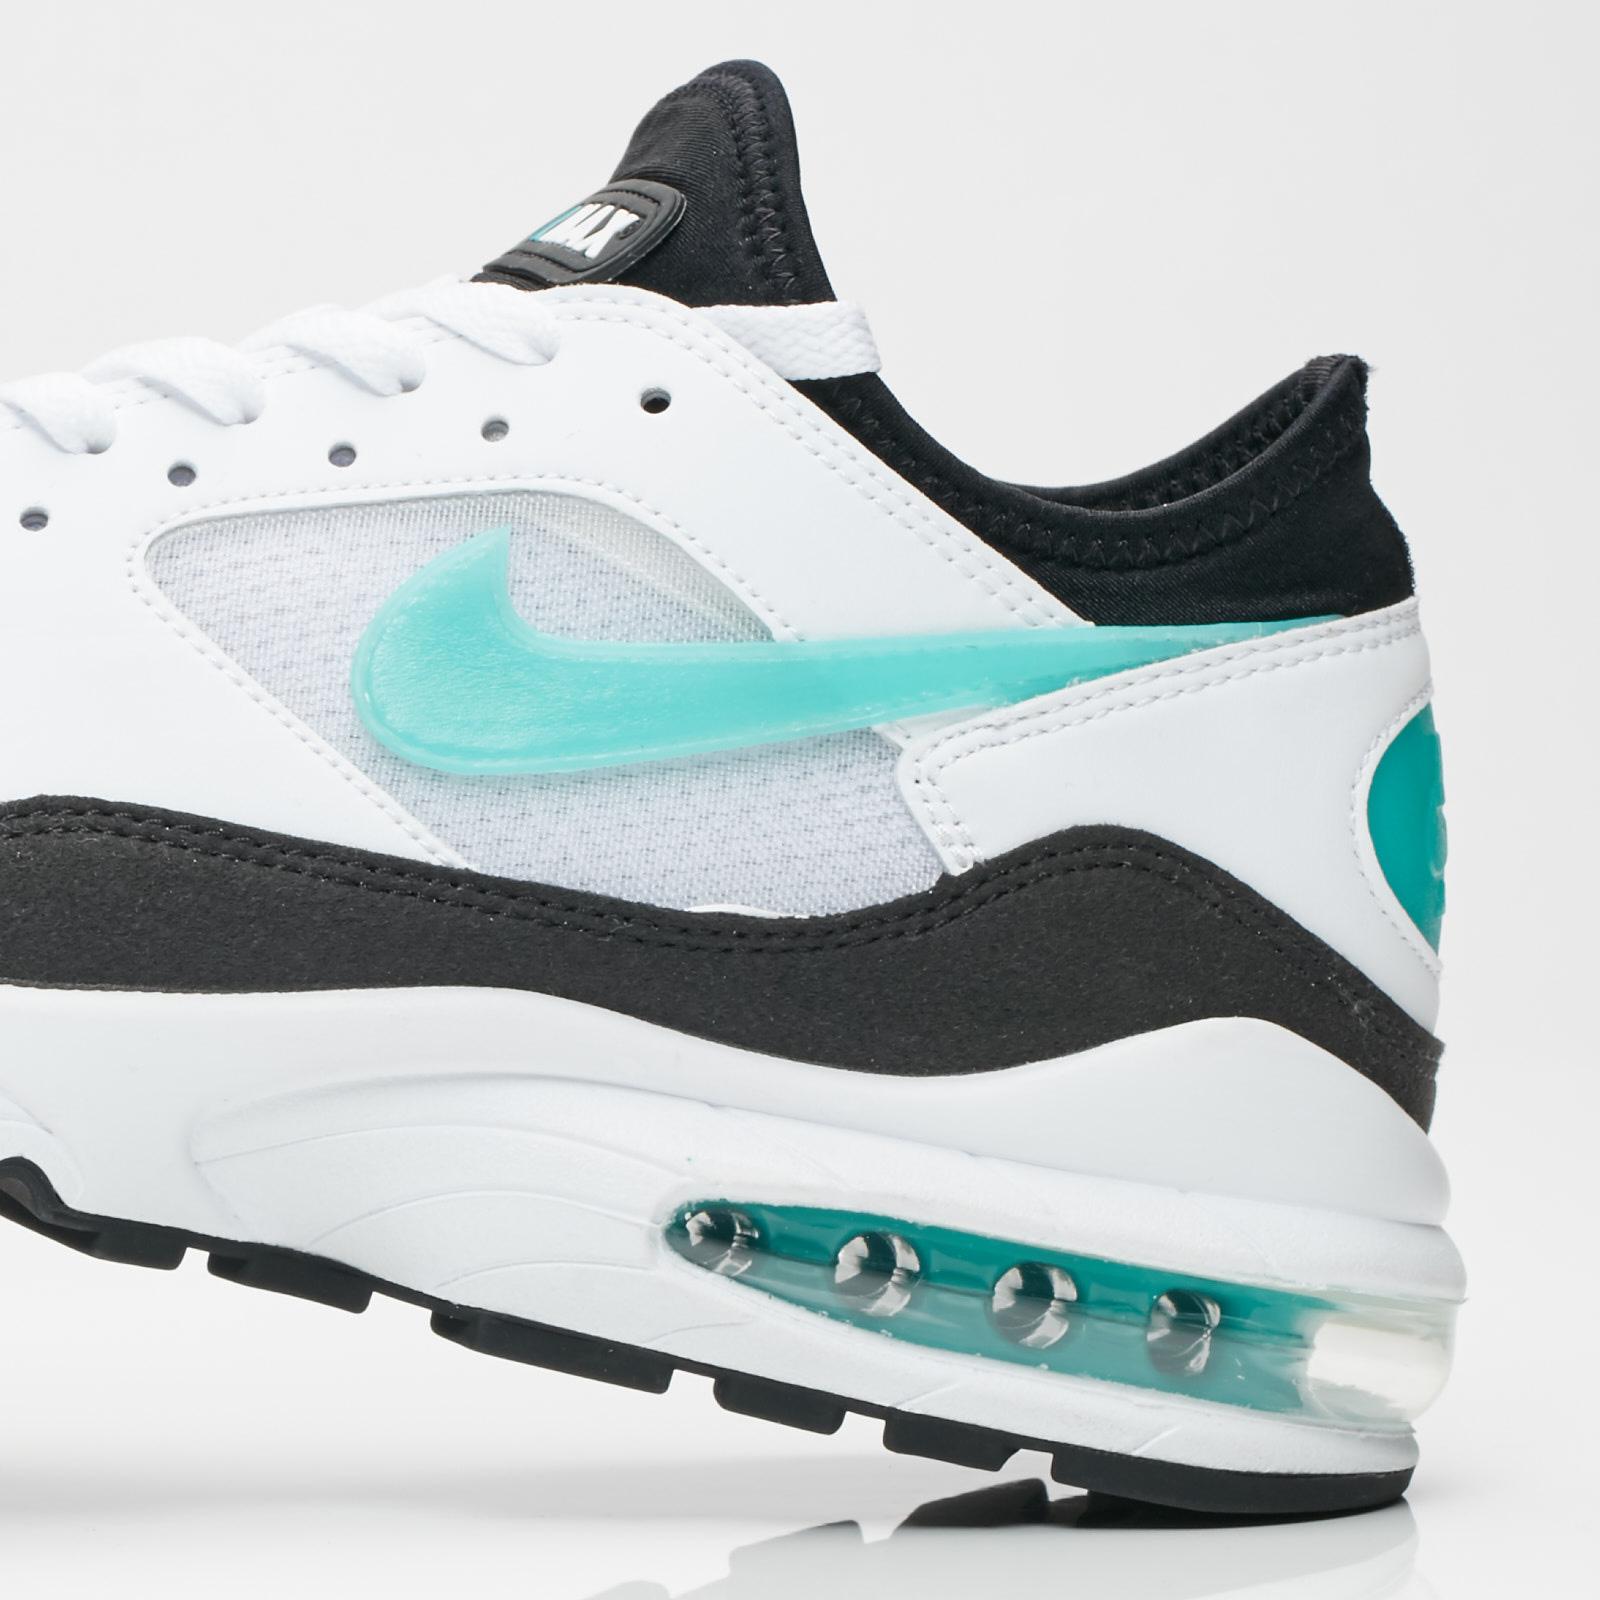 992e22adb4 Nike Air Max 93 - 306551-107 - Sneakersnstuff | sneakers ...